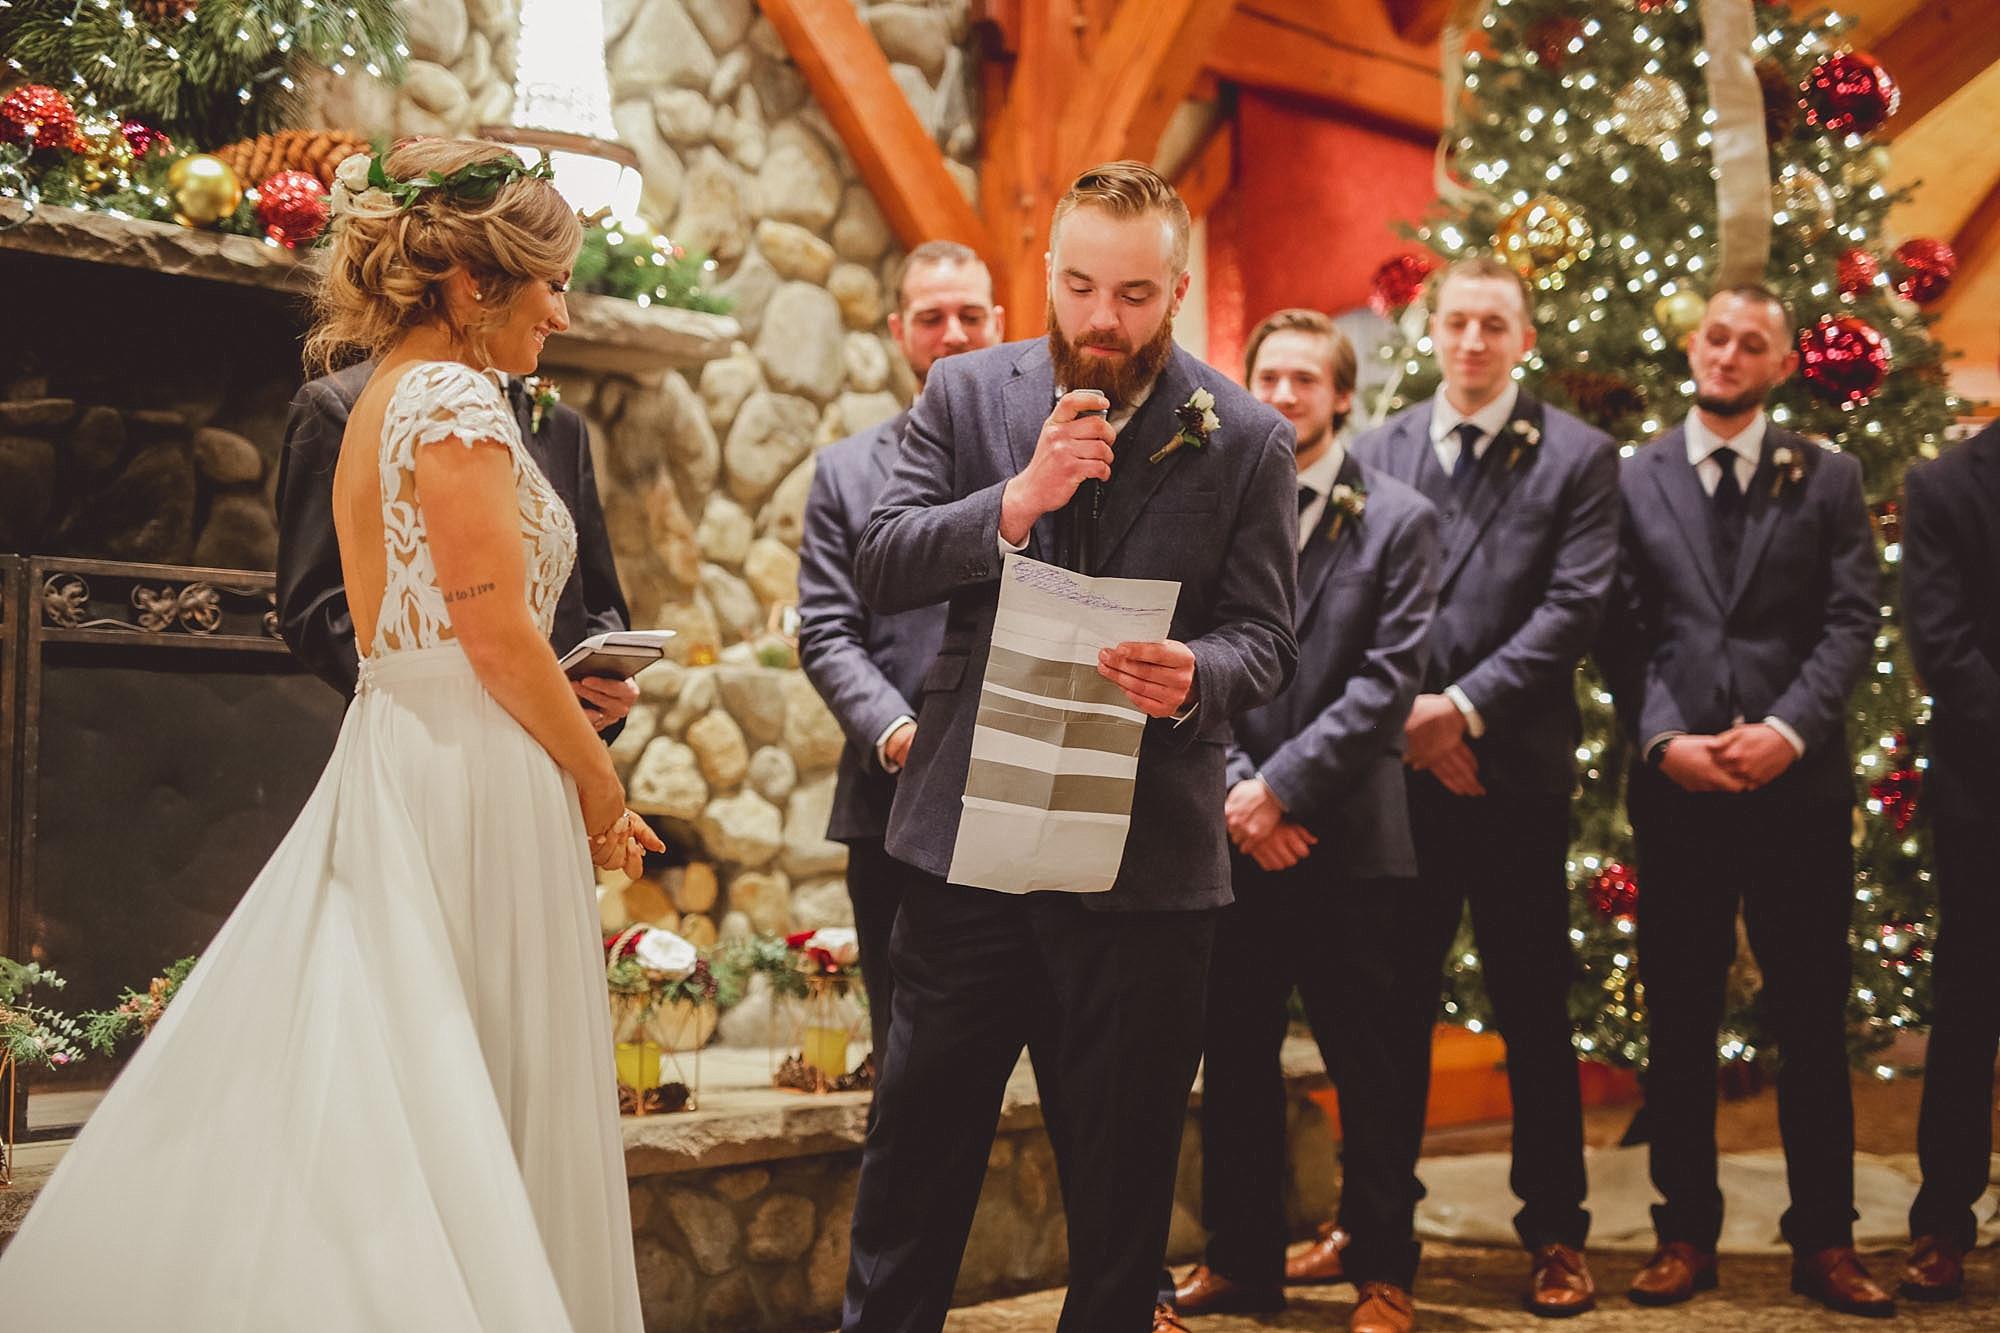 Tweaksbury-country-clup-wedding-43.jpg